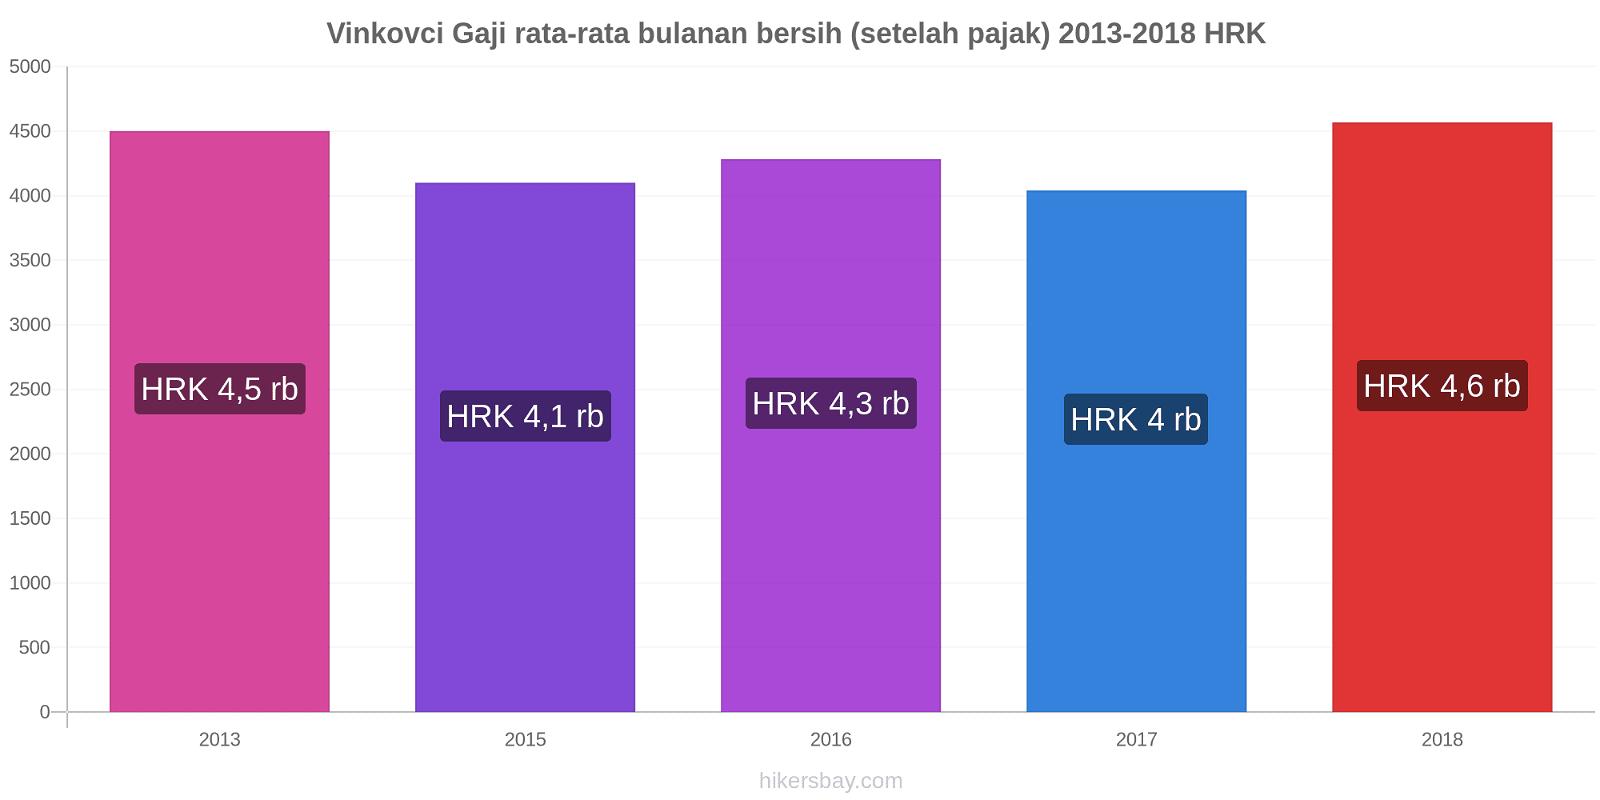 Vinkovci perubahan harga Gaji rata-rata bulanan bersih (setelah pajak) hikersbay.com